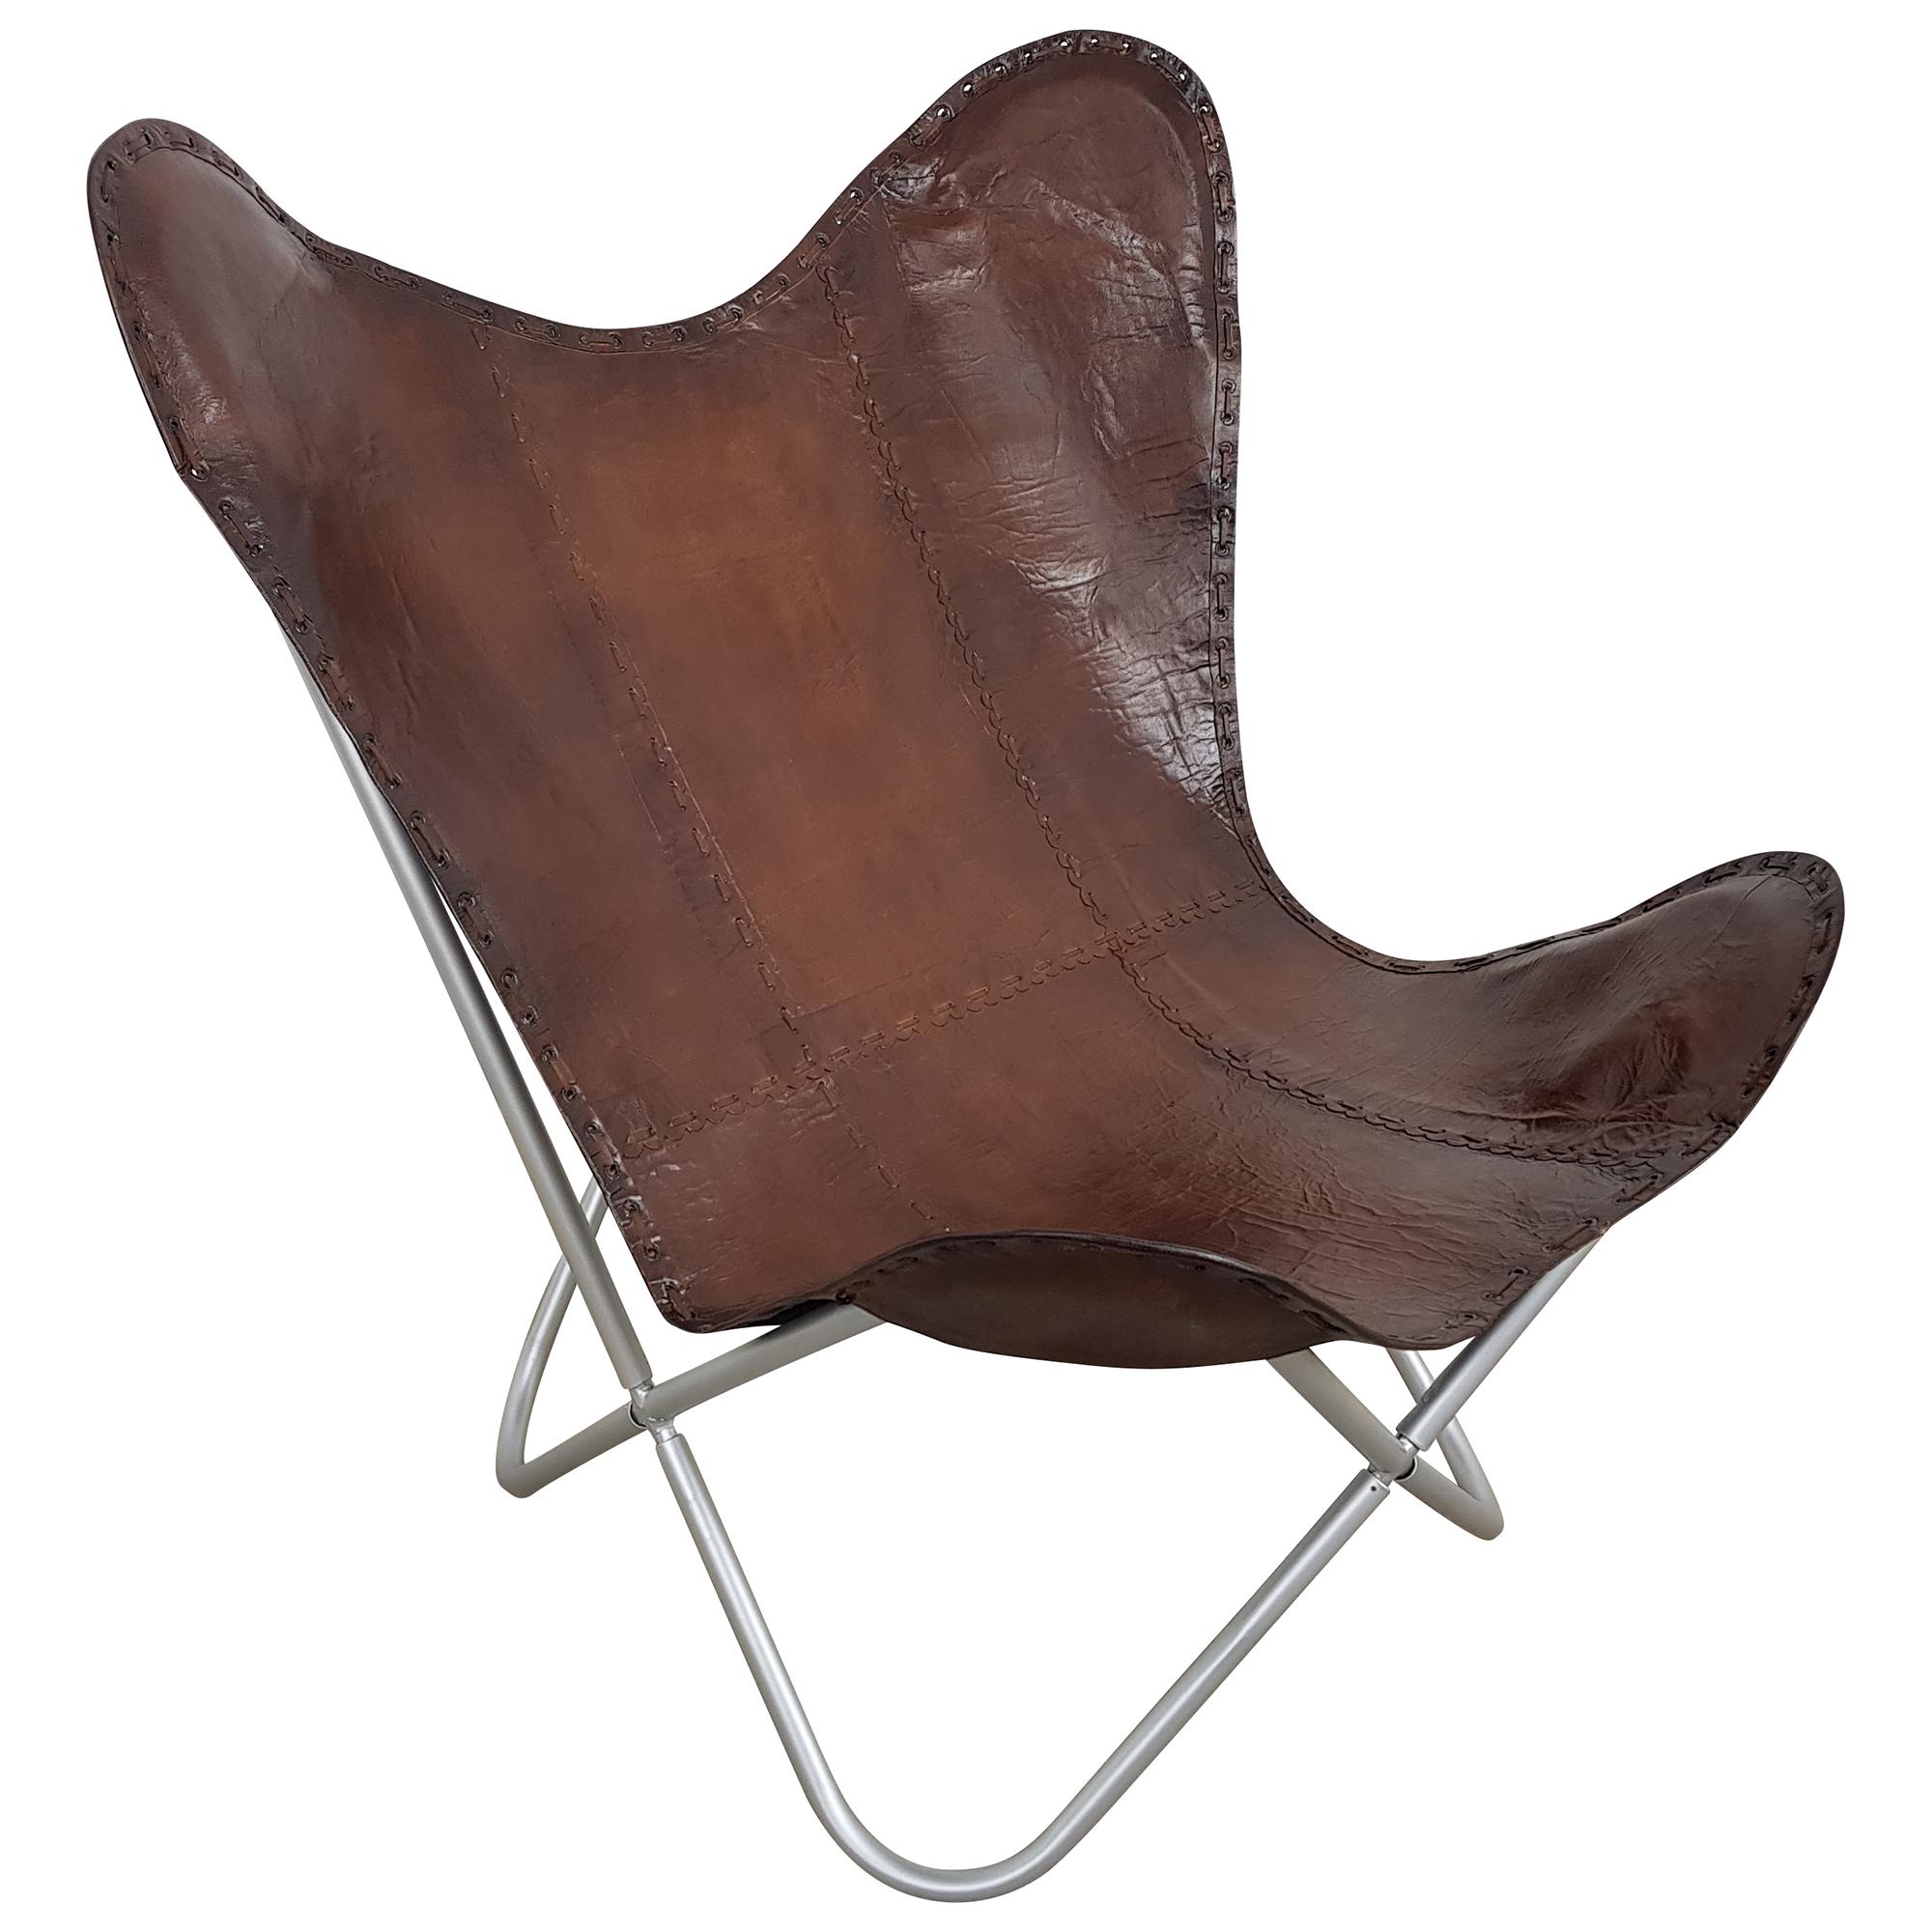 Butterfly Chair Sessel Design Lounge Stuhl glatt Leder